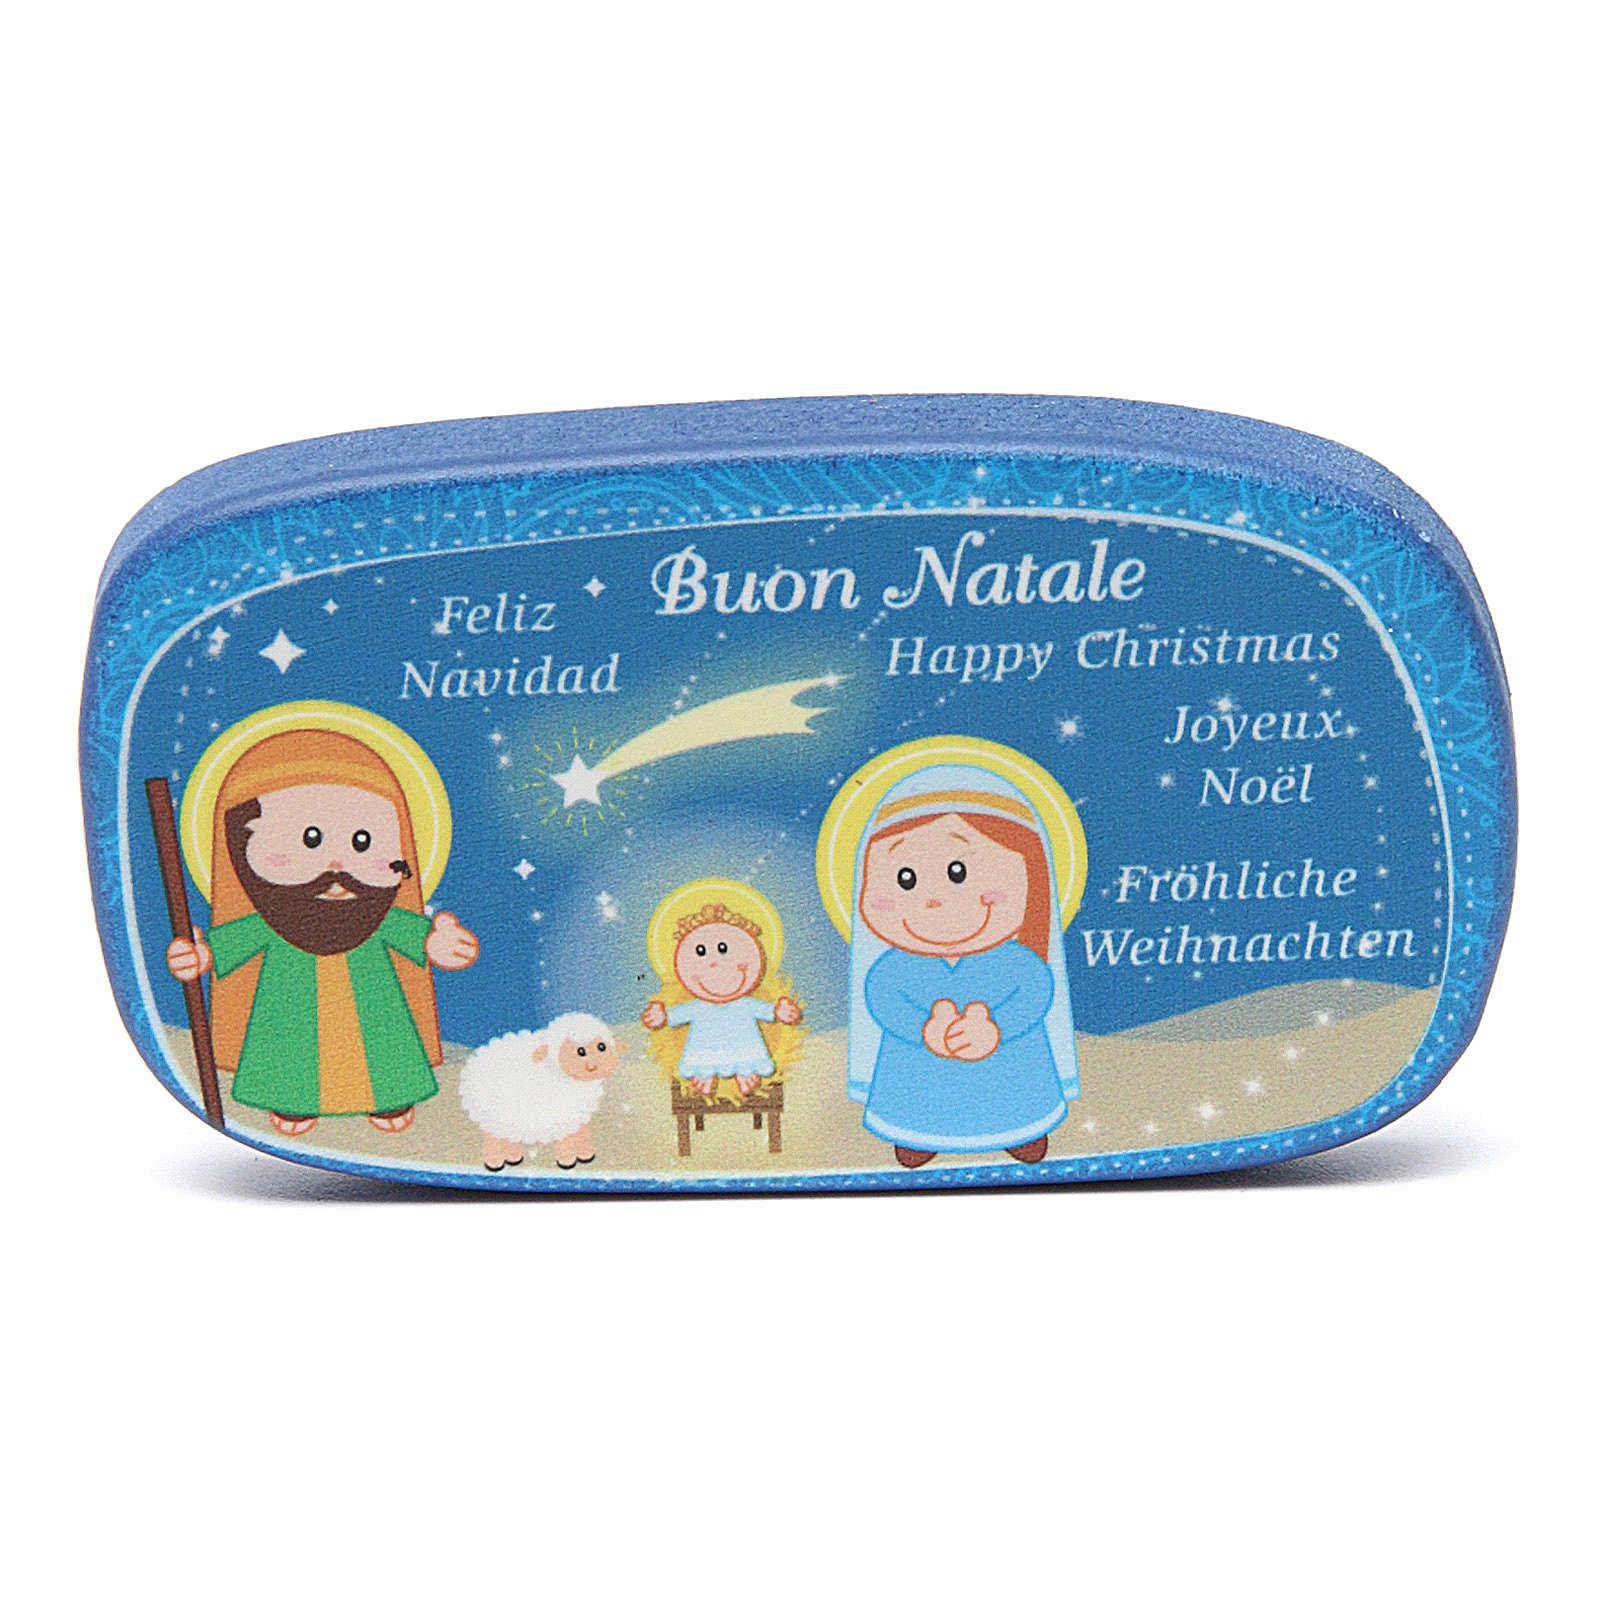 Magnete in legno Buon Natale Blu 3